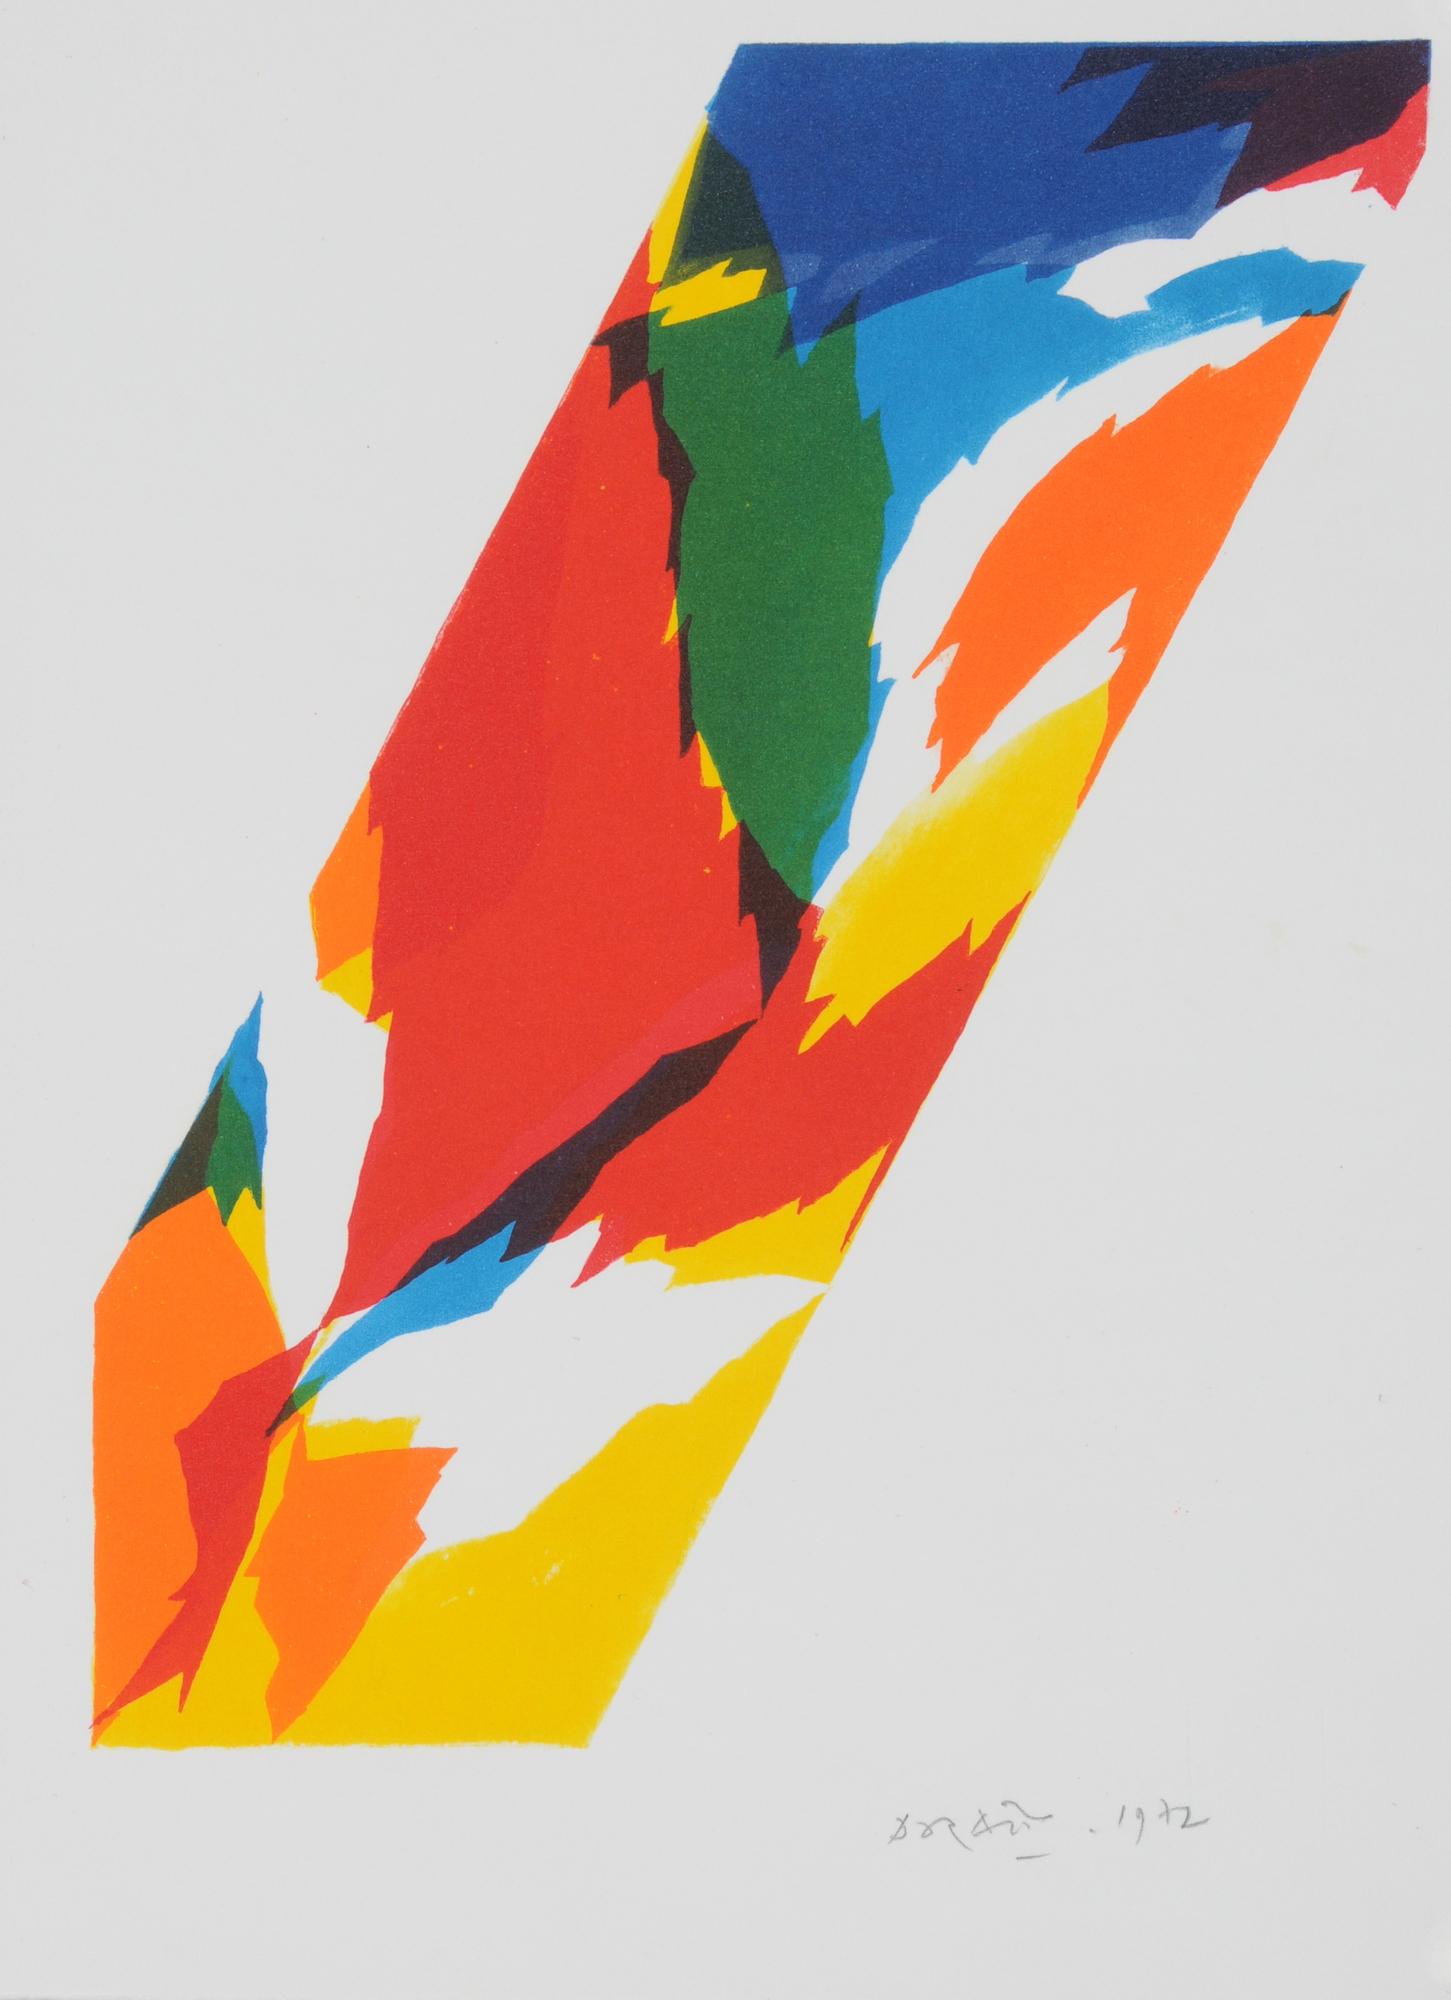 Dorazio Piero, 5 sheets: Untitled, 1969 (2); Untitled